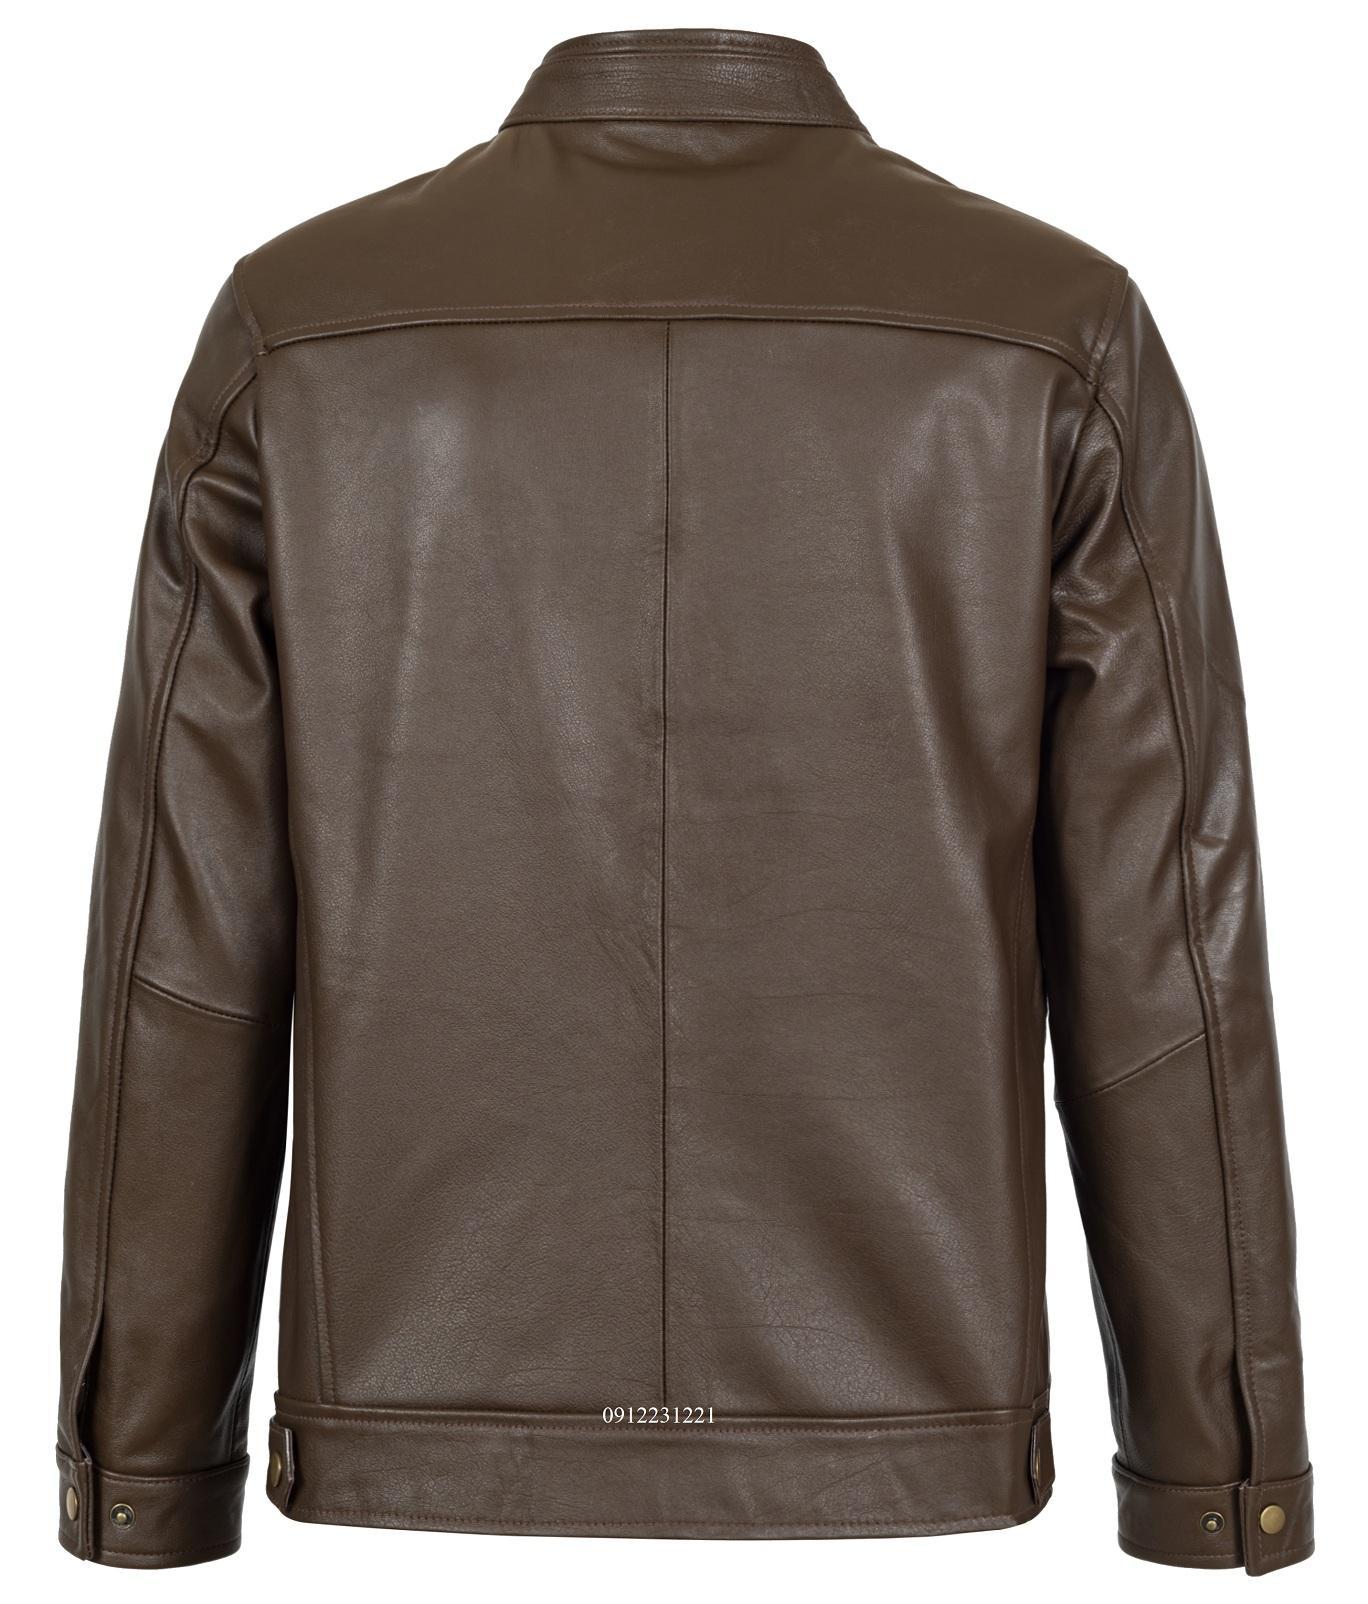 áo da racer jacket